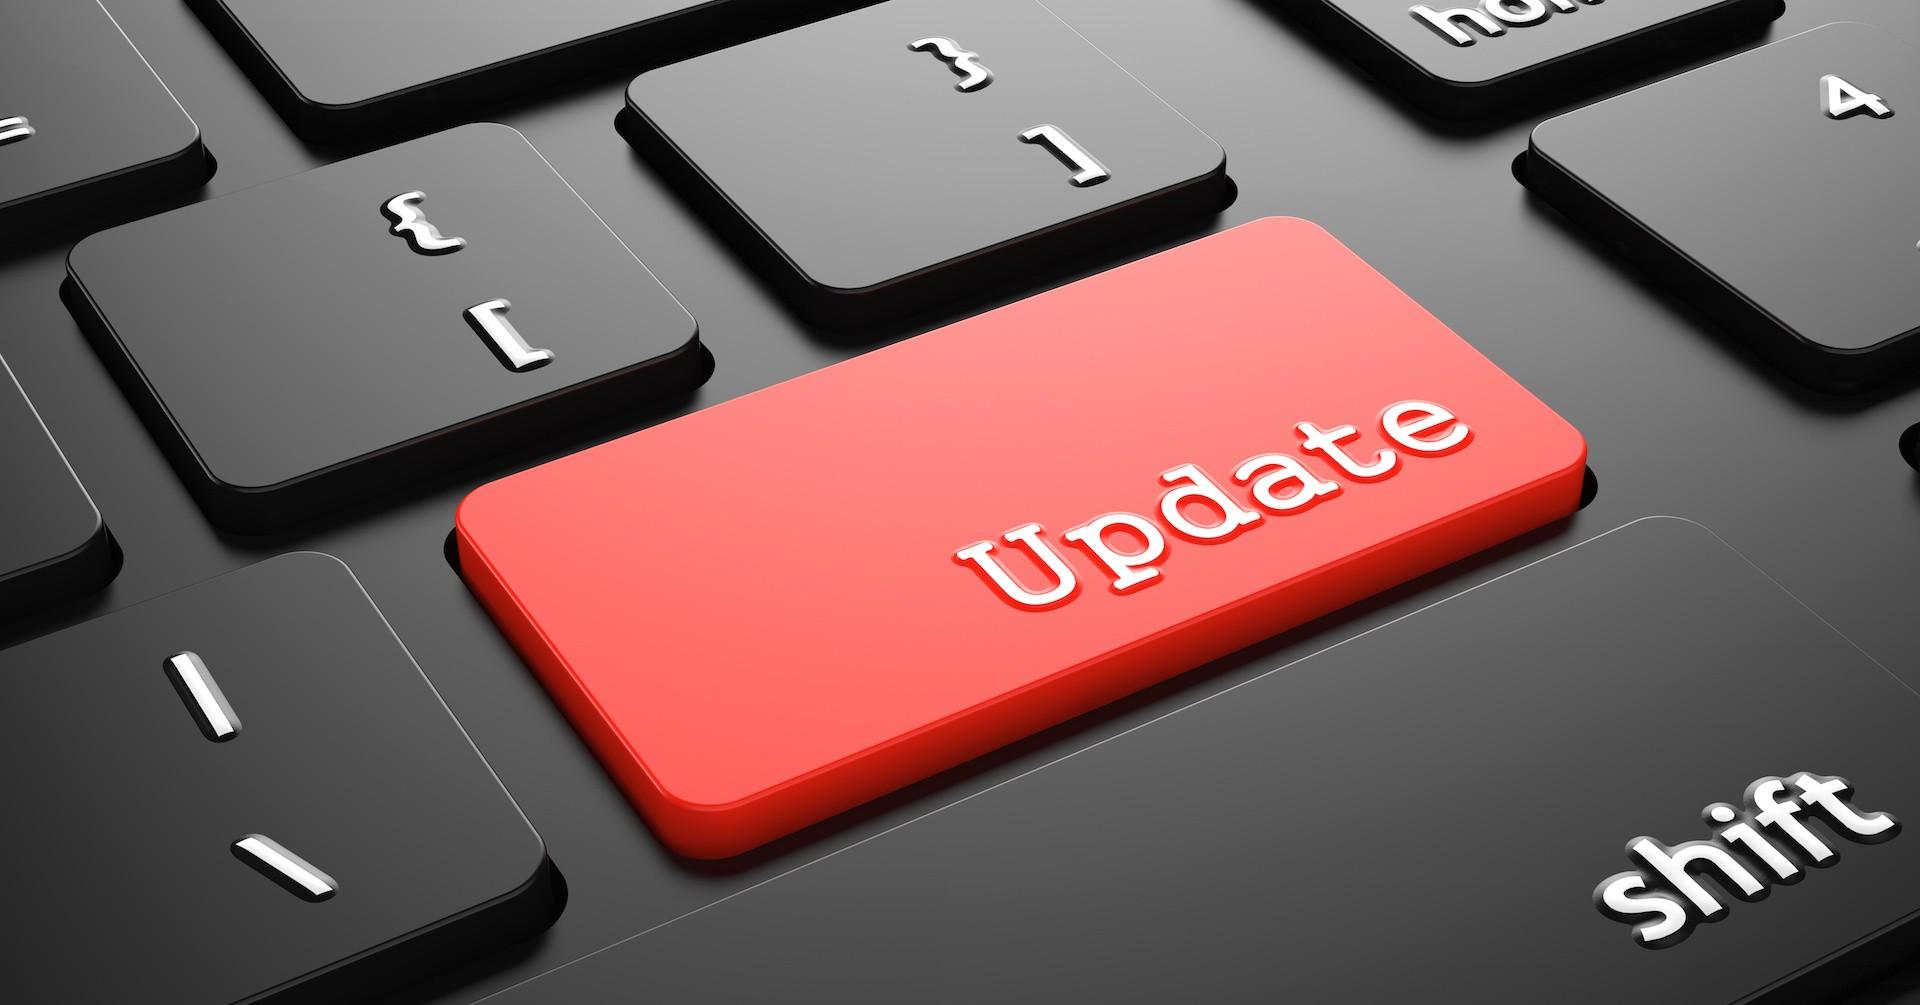 Versão consolidada Gestão WEB primeiro trimestre 2017 - Sistemas e software  para Factoring 28e8c25bc3e58